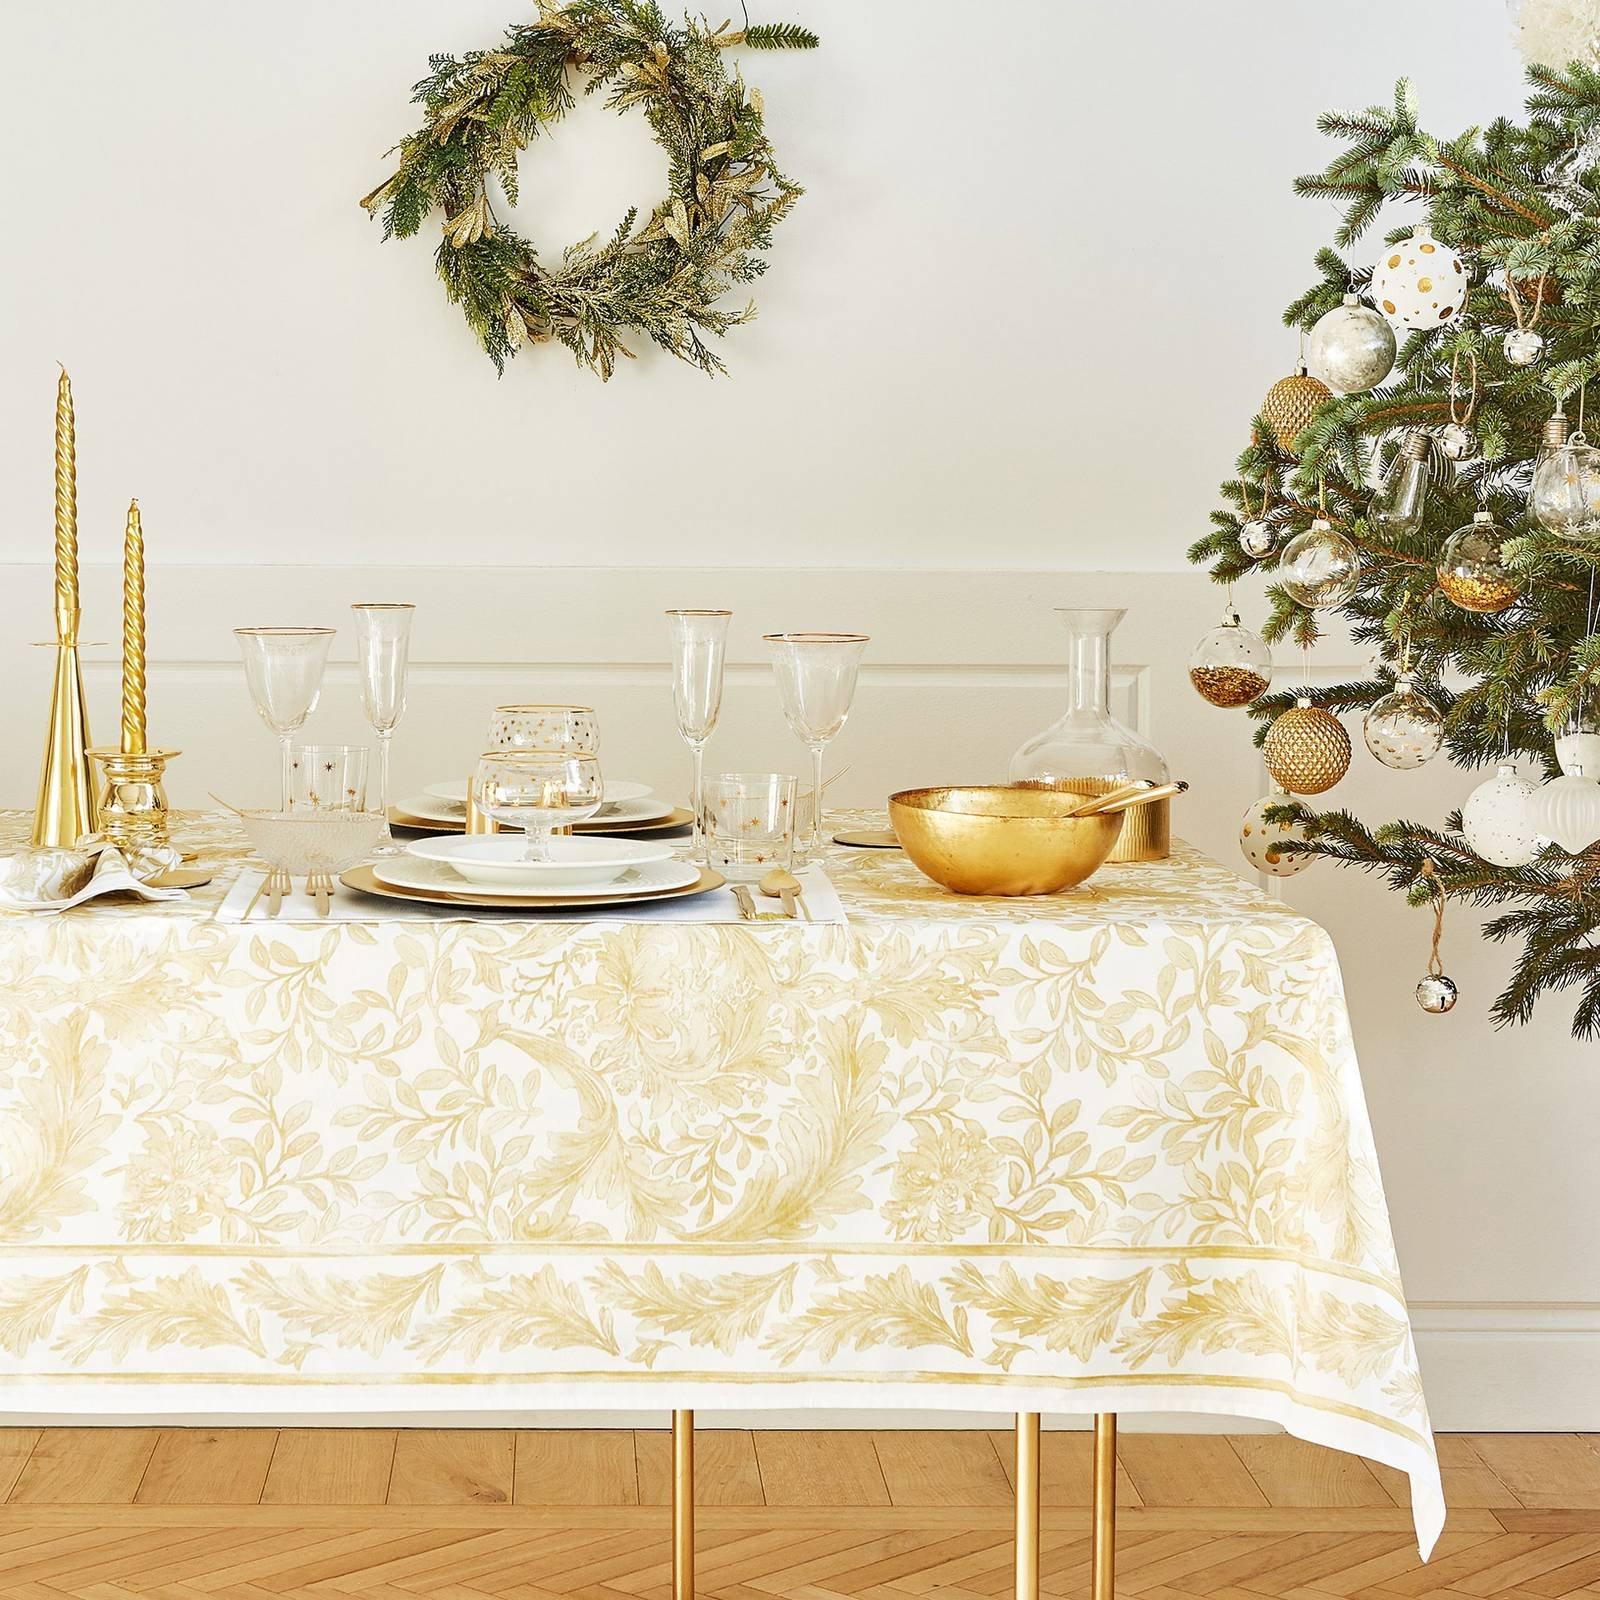 80a52dd3cf Tutte le sfumature dell'oro per la tavola di Natale di Zara Home che si.  Tutte le sfumature dell'oro per la tavola di Natale di Zara Home che si